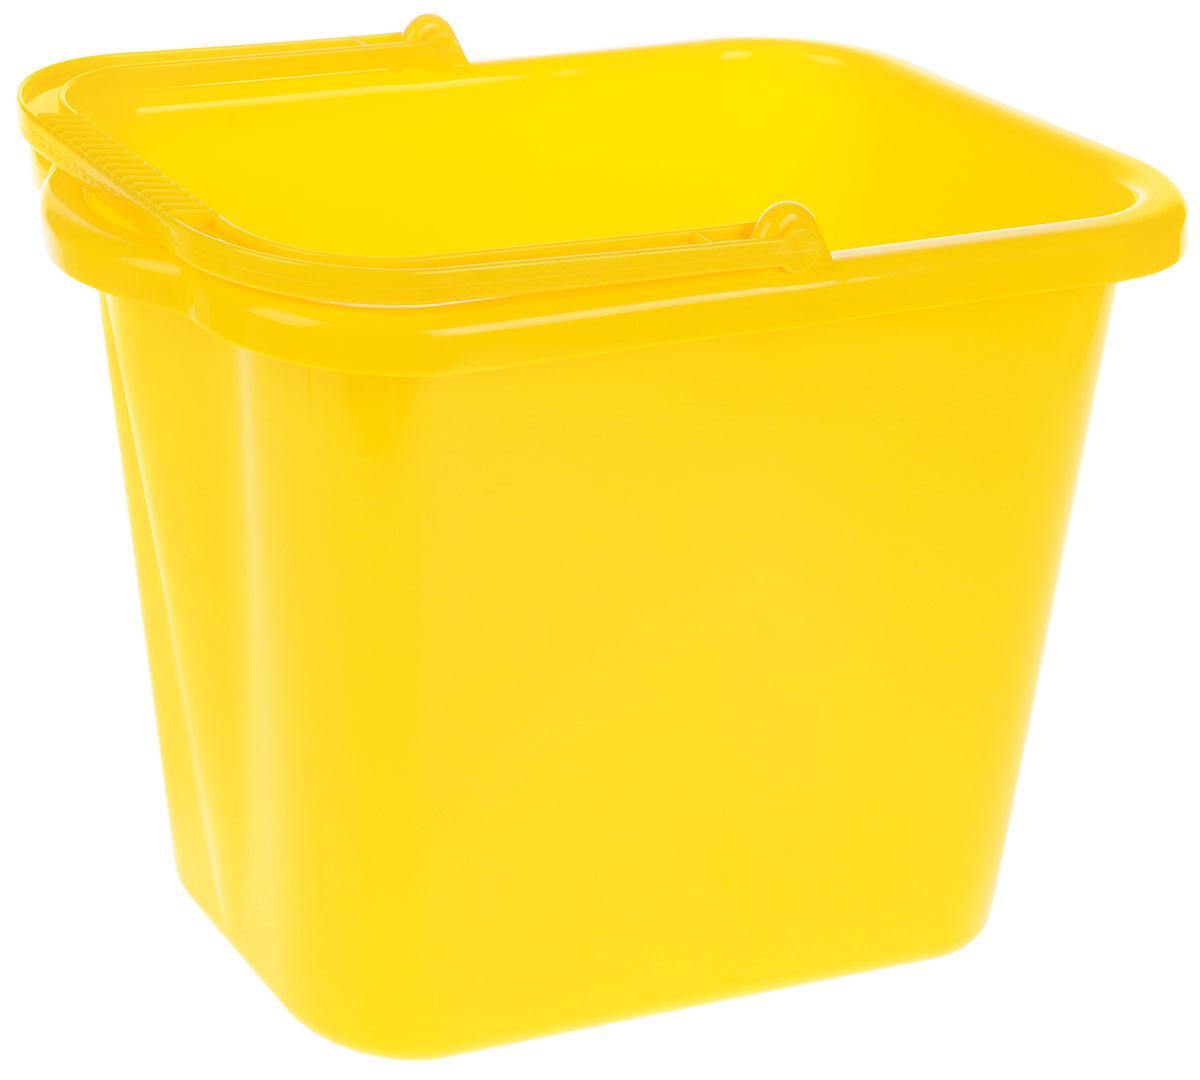 Ведро хозяйственное Idea, прямоугольное, цвет: желтый, 9,5 лМ 2420Прямоугольное ведро Idea изготовлено из прочного пластика. Изделие порадует практичных хозяек. Ведро можно использовать для пищевых продуктов или для мытья полов. Для удобного использования ведро имеет пластиковую ручку и носик для выливания воды. Размер ведра (по верхнему краю): 36 х 21,5 см. Высота стенки: 25 см.